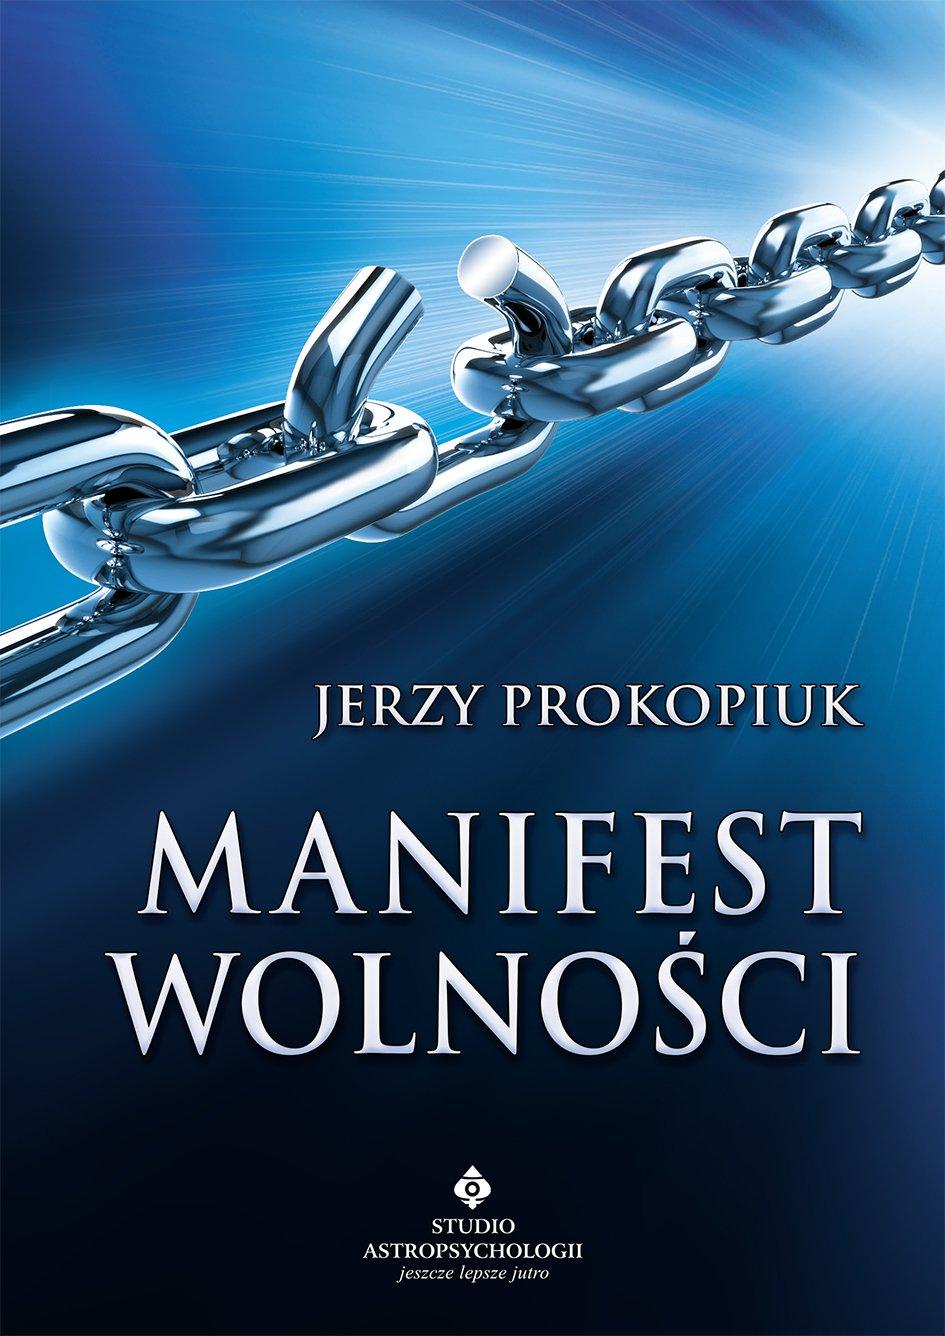 Manifest wolności - Ebook (Książka EPUB) do pobrania w formacie EPUB